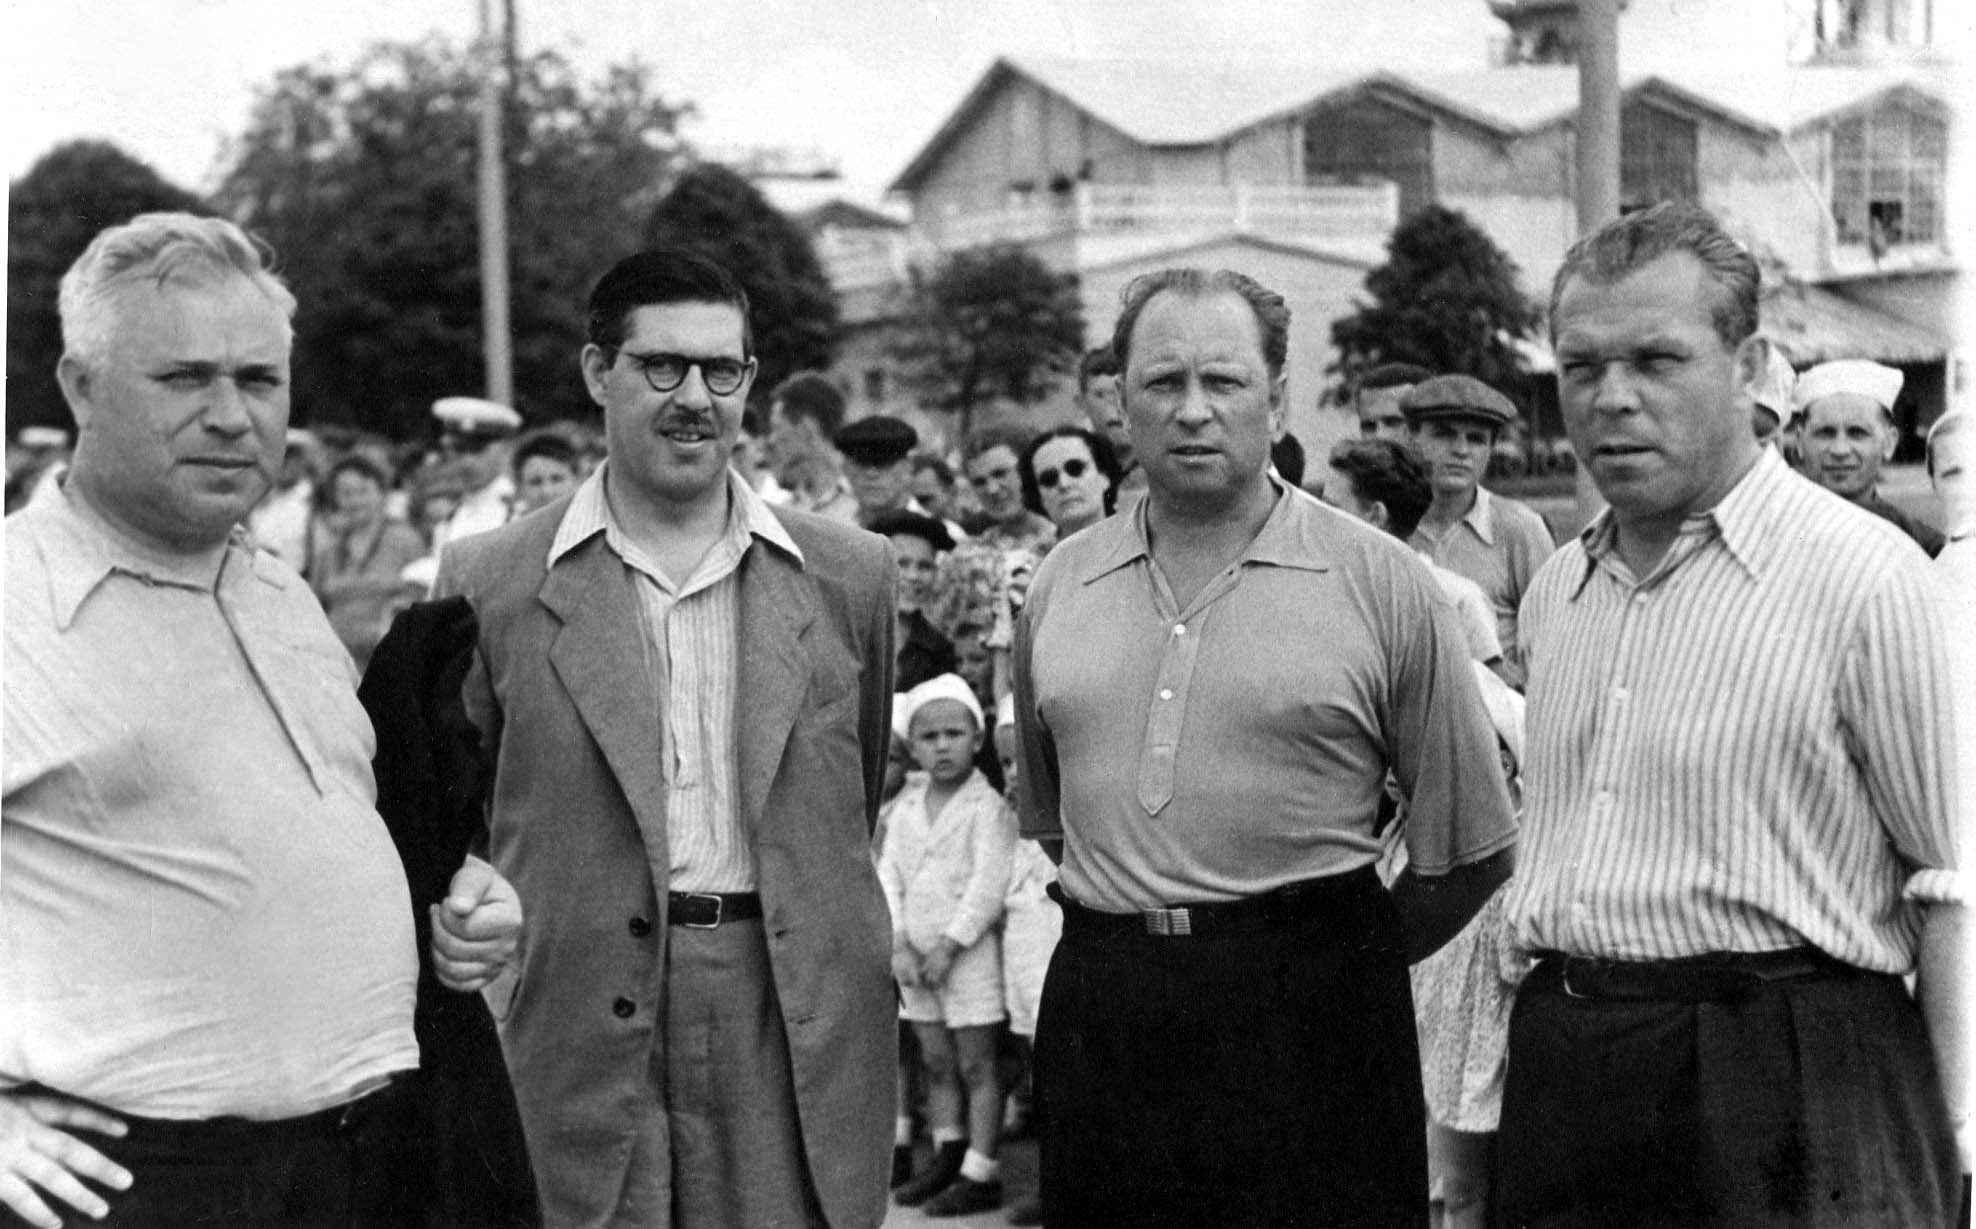 Экспонат #50. С А. Ешуриным, И. Проком и В. Федоровым. 1950 год